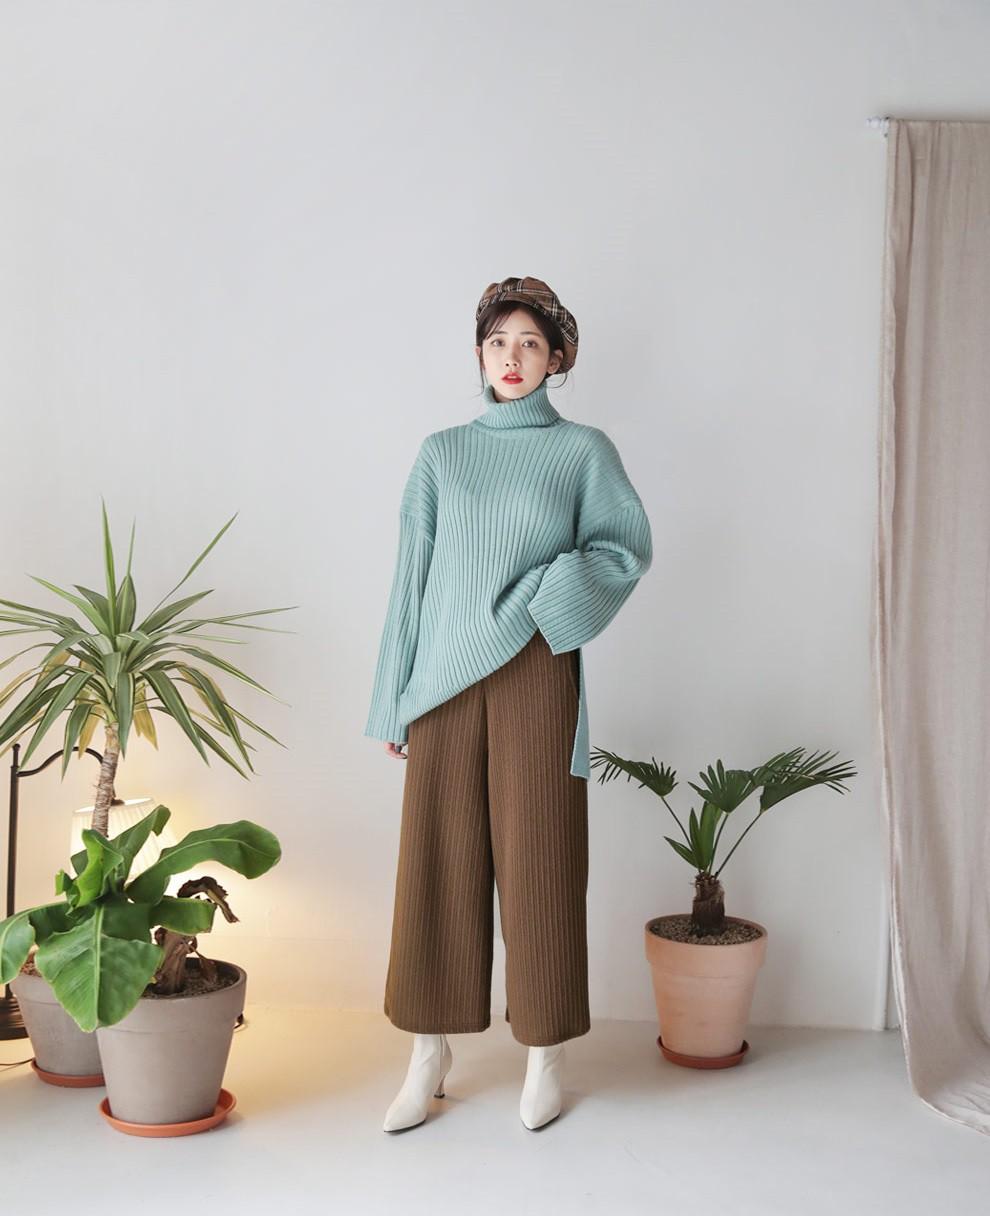 Diện lên vừa 'tây' lại thoải mái tuyệt đối, quần len chính là item mà các nàng cần sắm ngay cho tủ đồ mùa lạnh